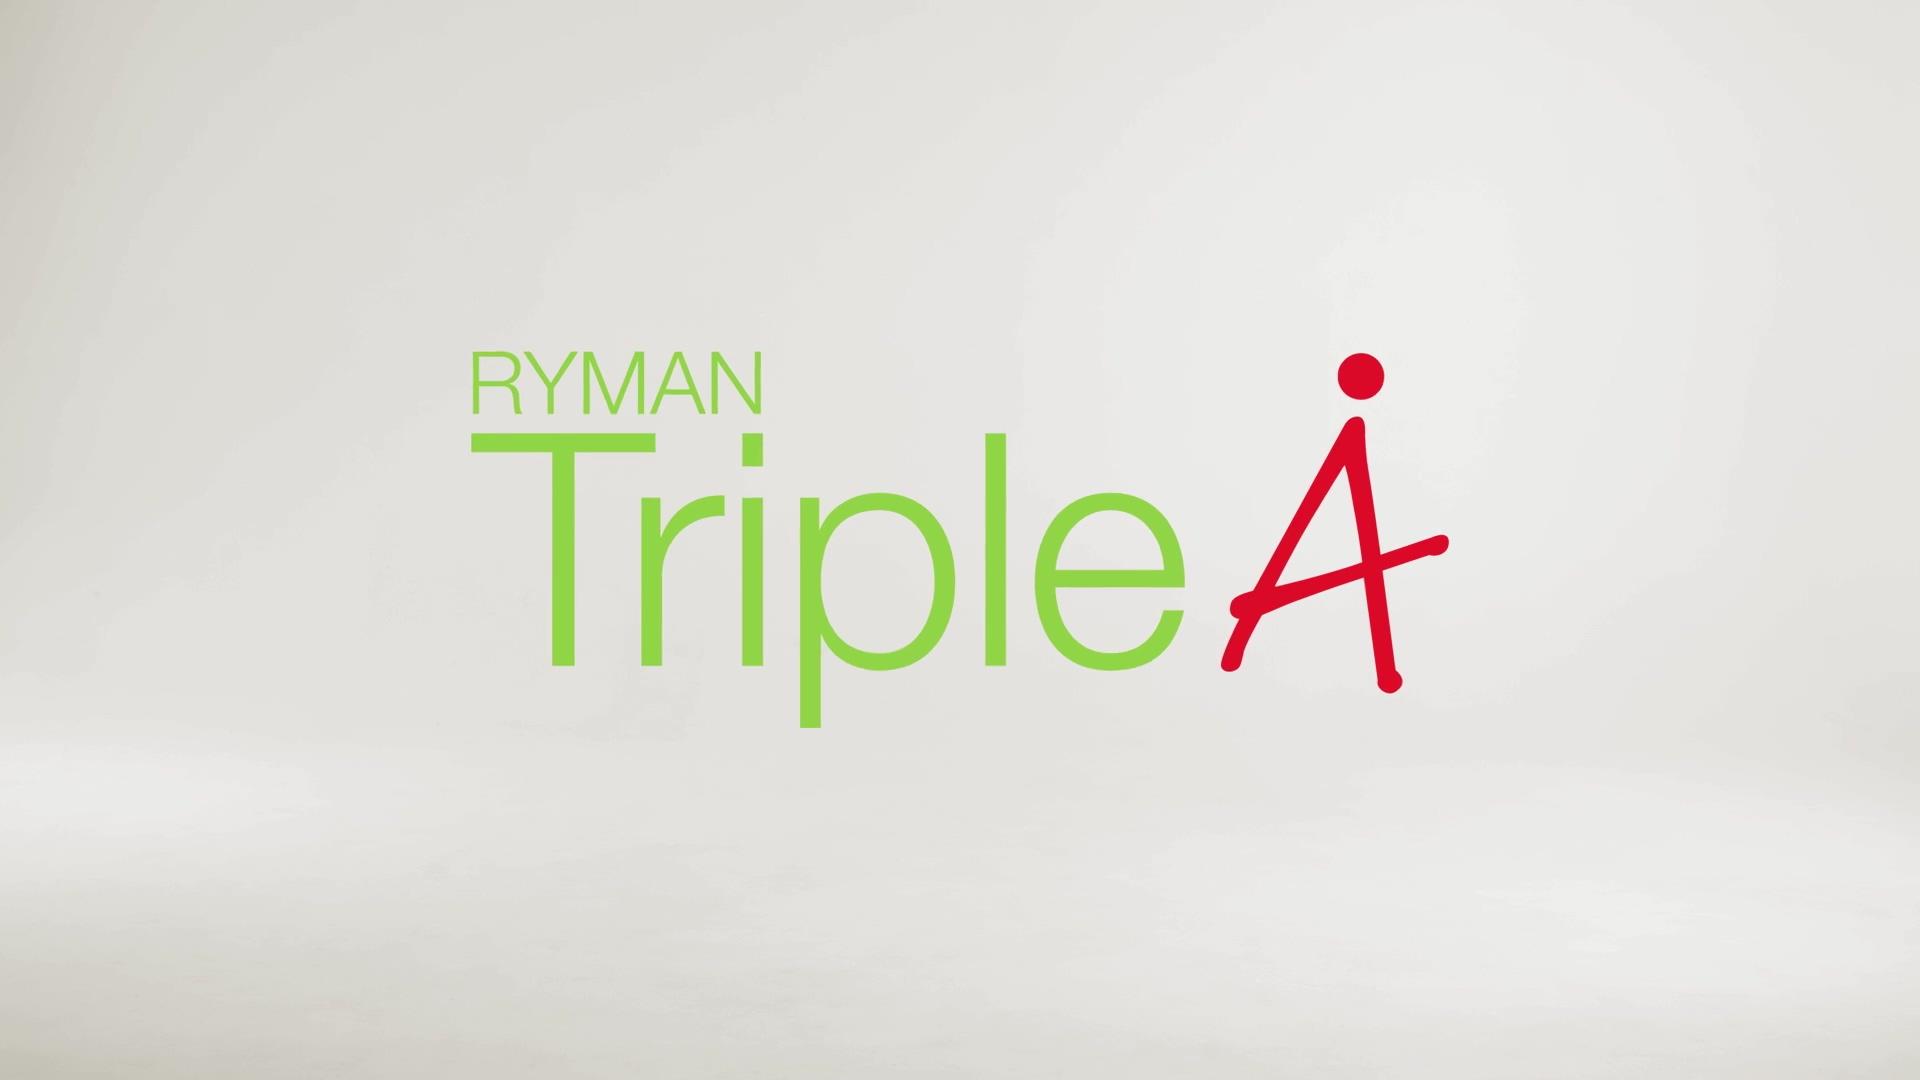 Ryman_Triple A_FF12 - MASTER (1)